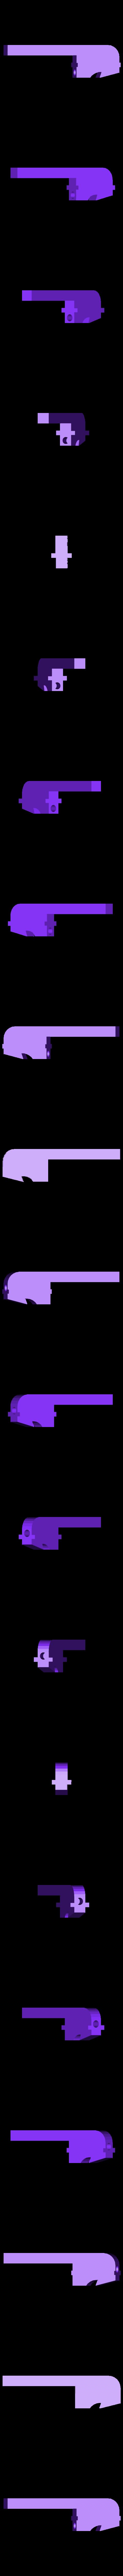 Hammer Bolt.stl Download STL file Pack 2 Magnum cal.38 and 22 short and long • 3D print design, Kraken1983